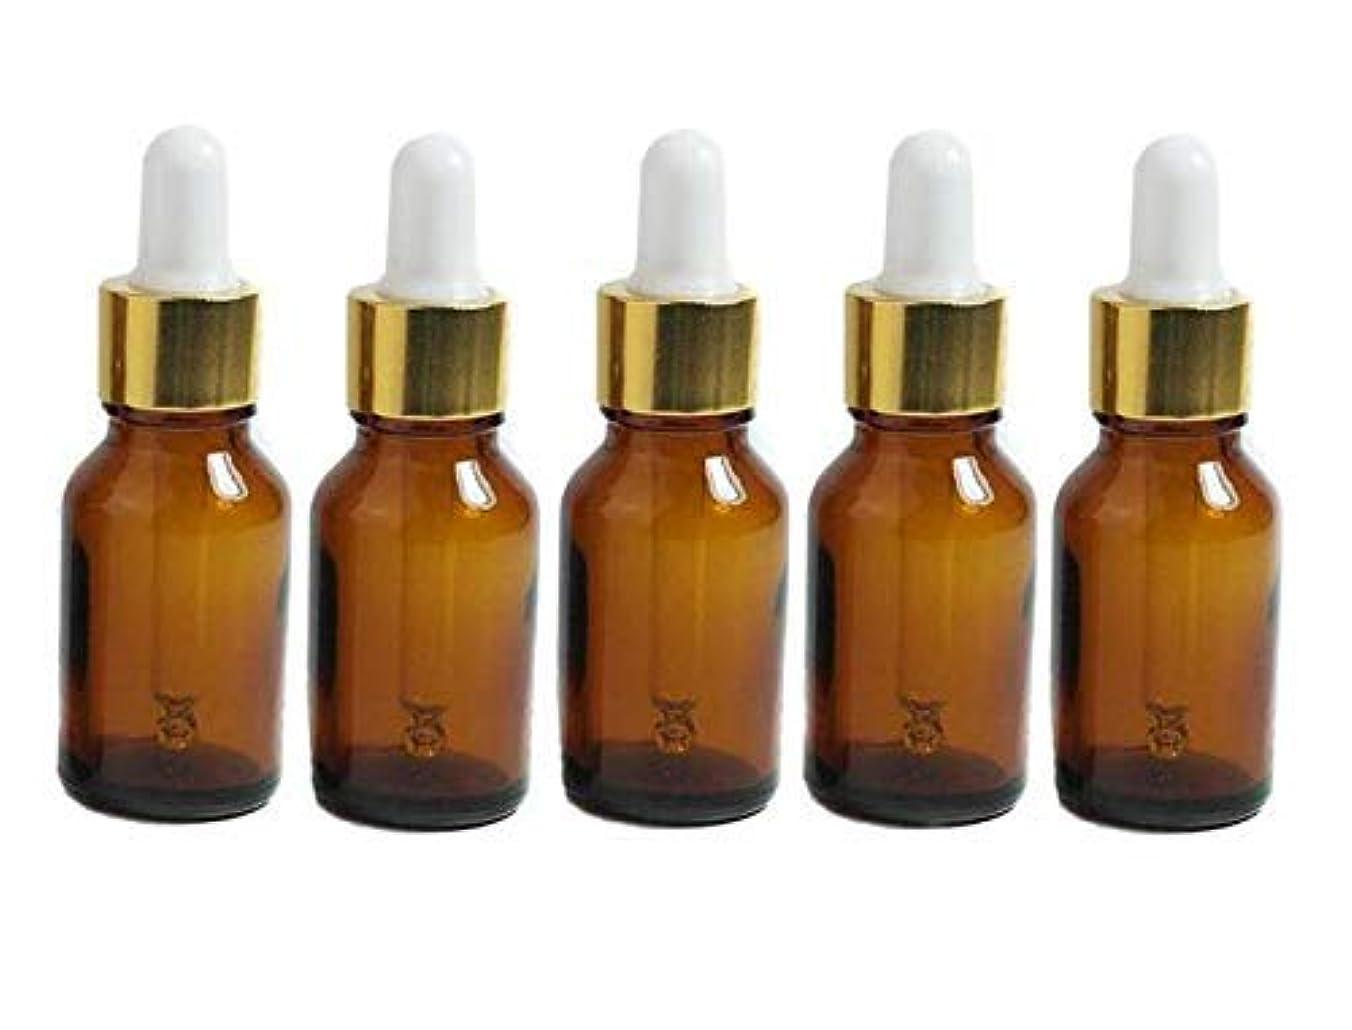 開業医プラス惨めな6PCS 15ml Mini Amber Glass Via With Pipette Dropper Bottles Aromatherapy Essential Oil Refillable Dropper Bottles...